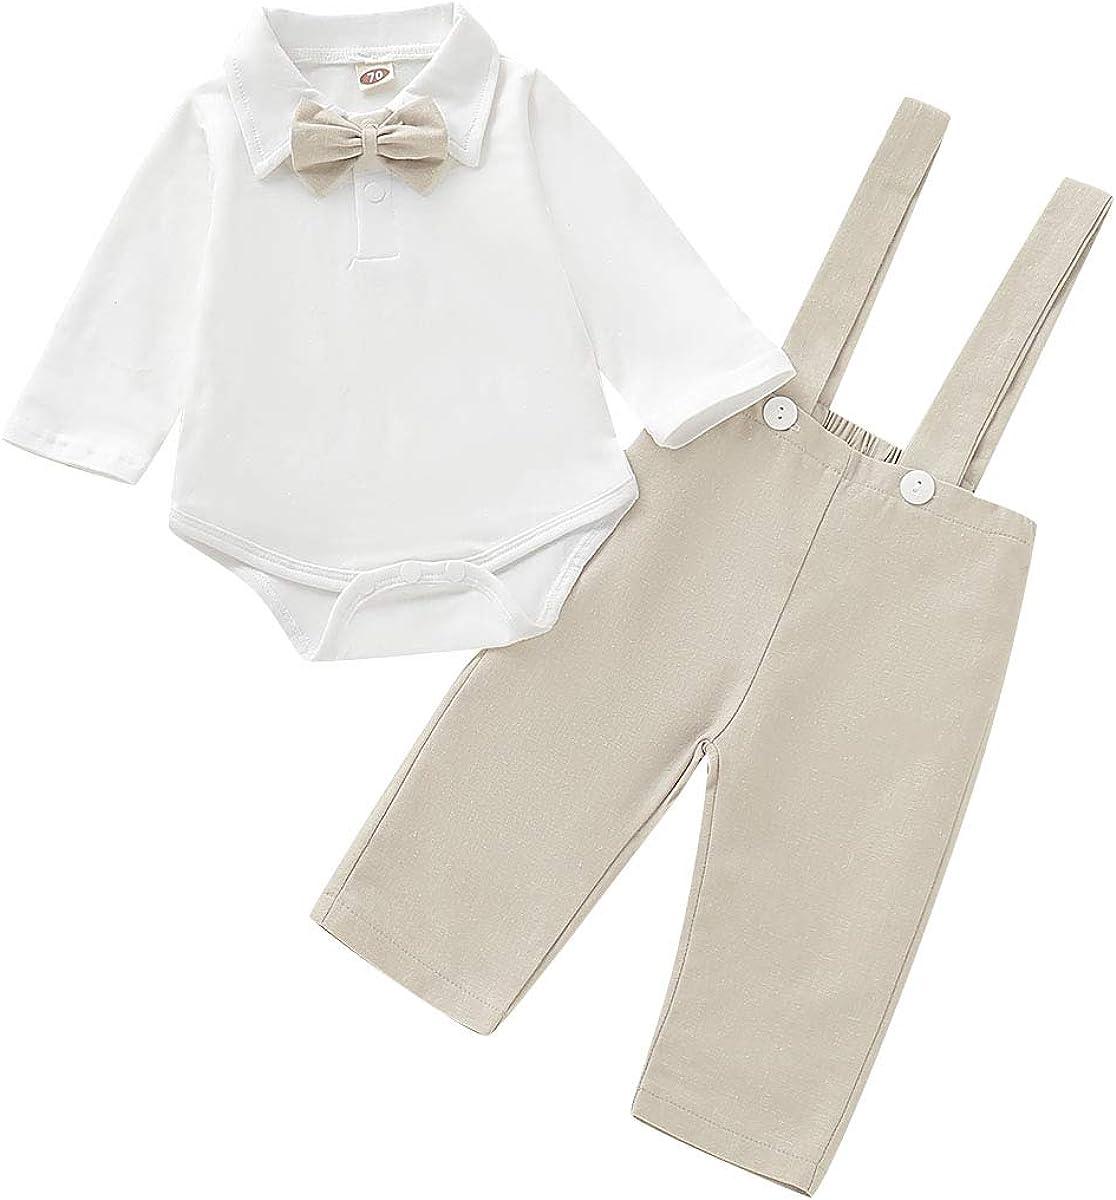 lang/ärmelig Borlai Baby Outfits f/ür Jungen und M/ädchen Strapshose f/ür Herren von 0-18 Monaten